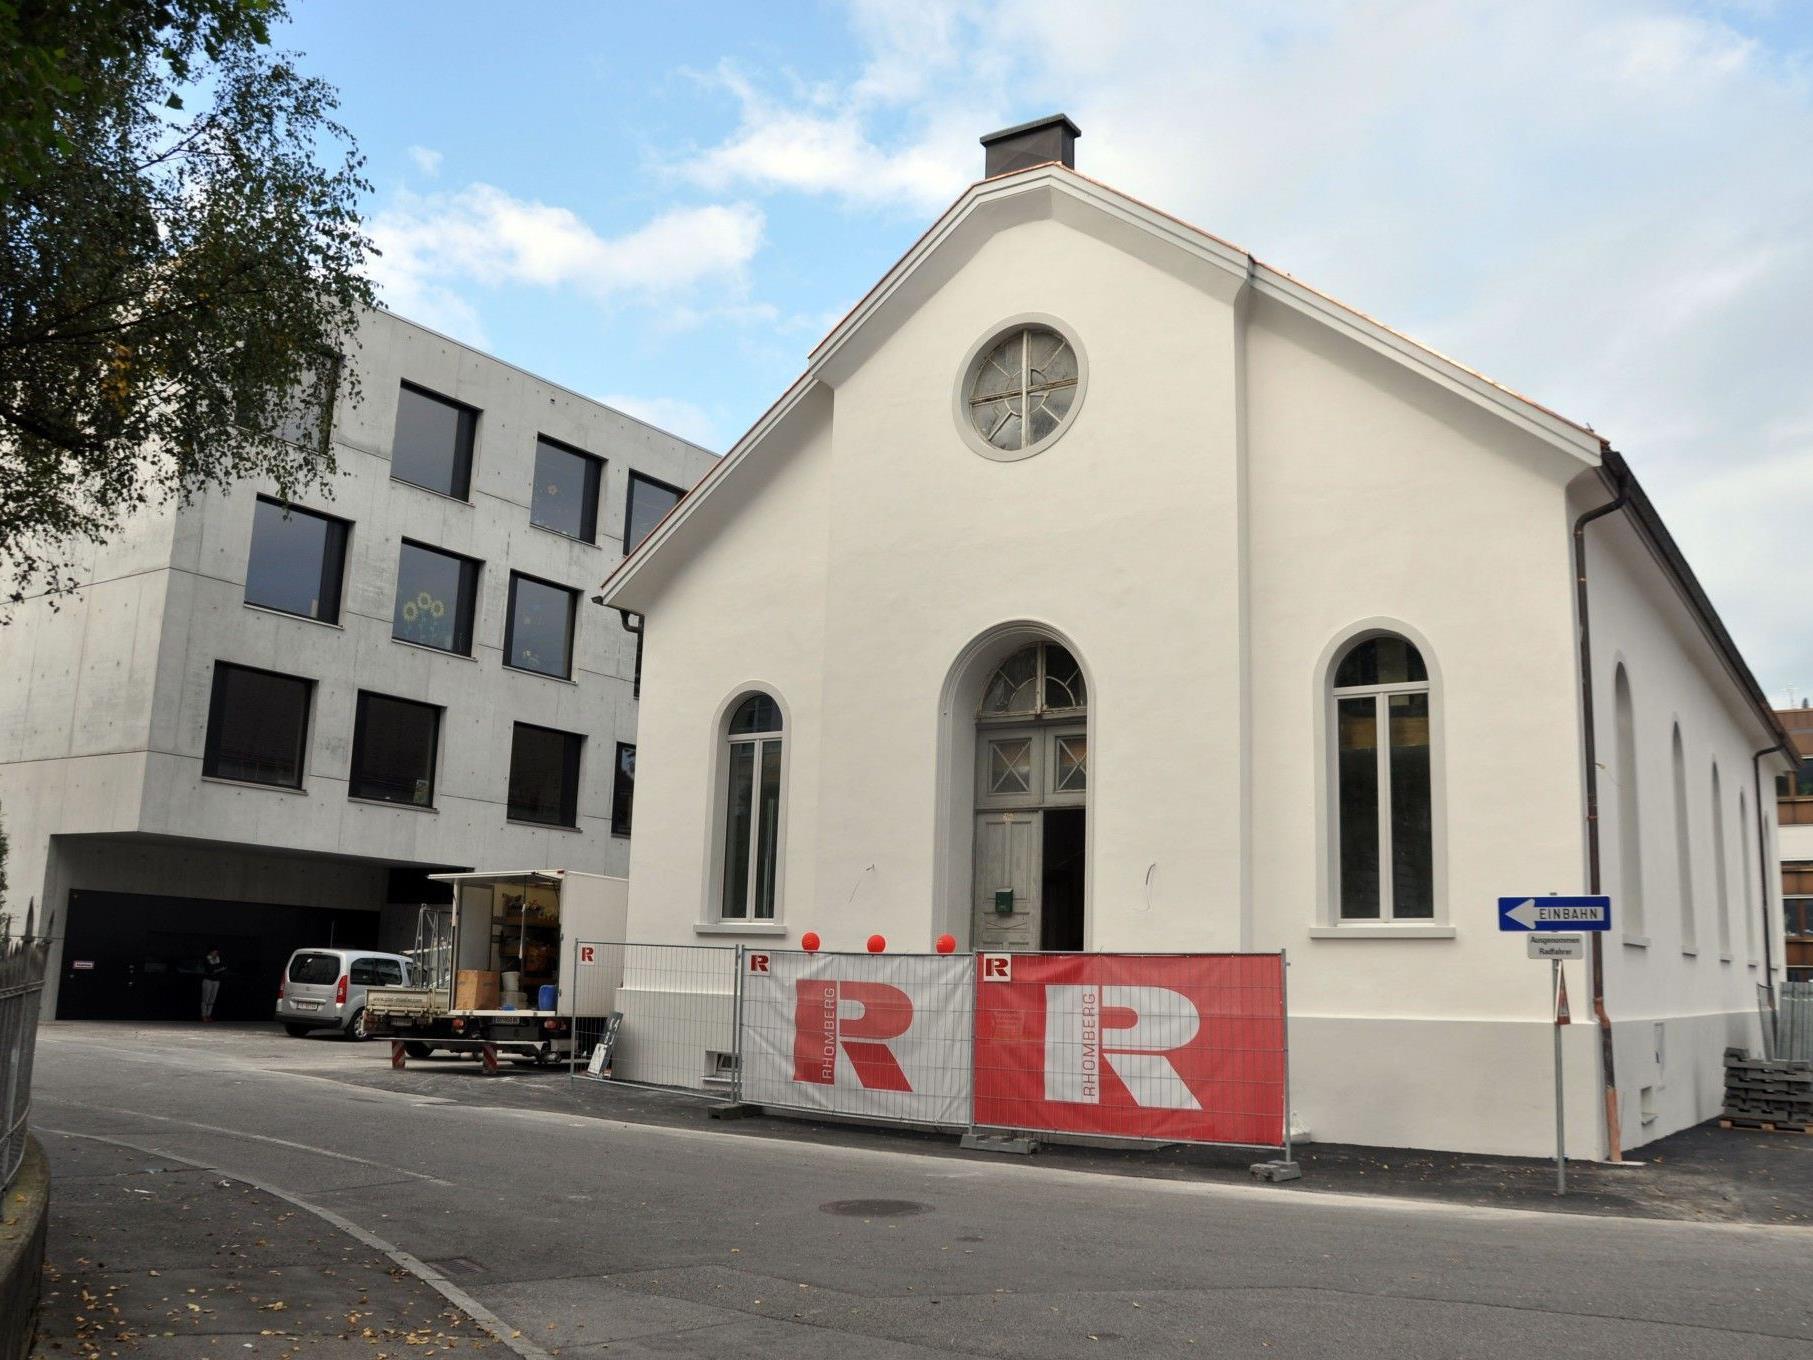 Nur noch zwei Wochen dauert die Restaurierung der denkmalgeschützten Turnhalle.